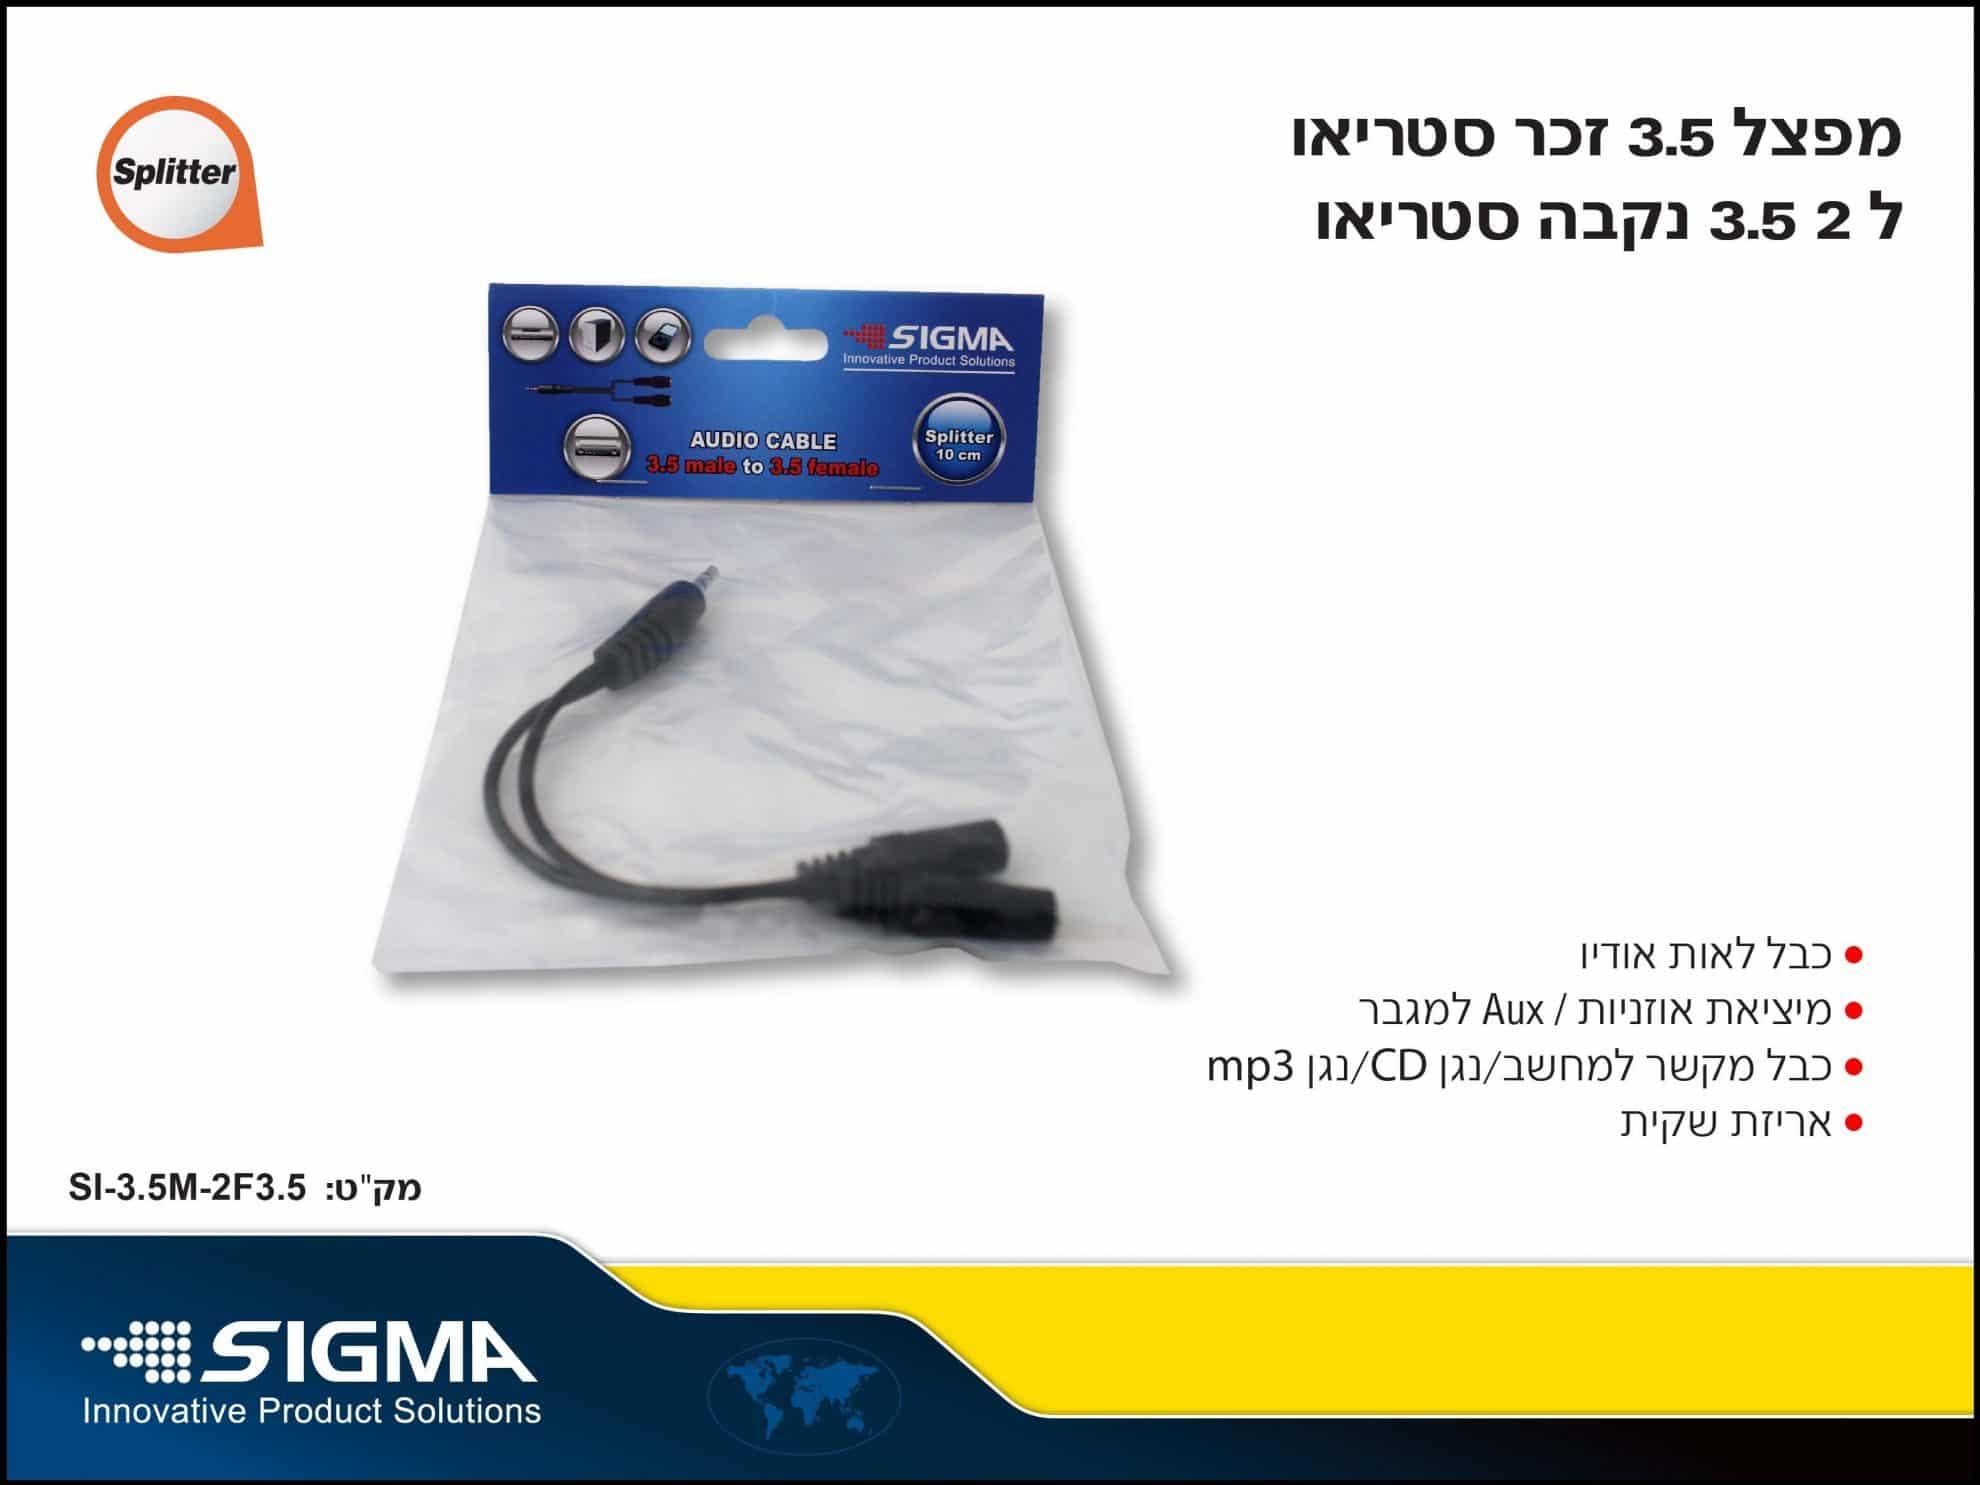 מפצל 3.5 זכר סטריאו ל -2  3.5 נקבה סטריאו בשקית SIGMA